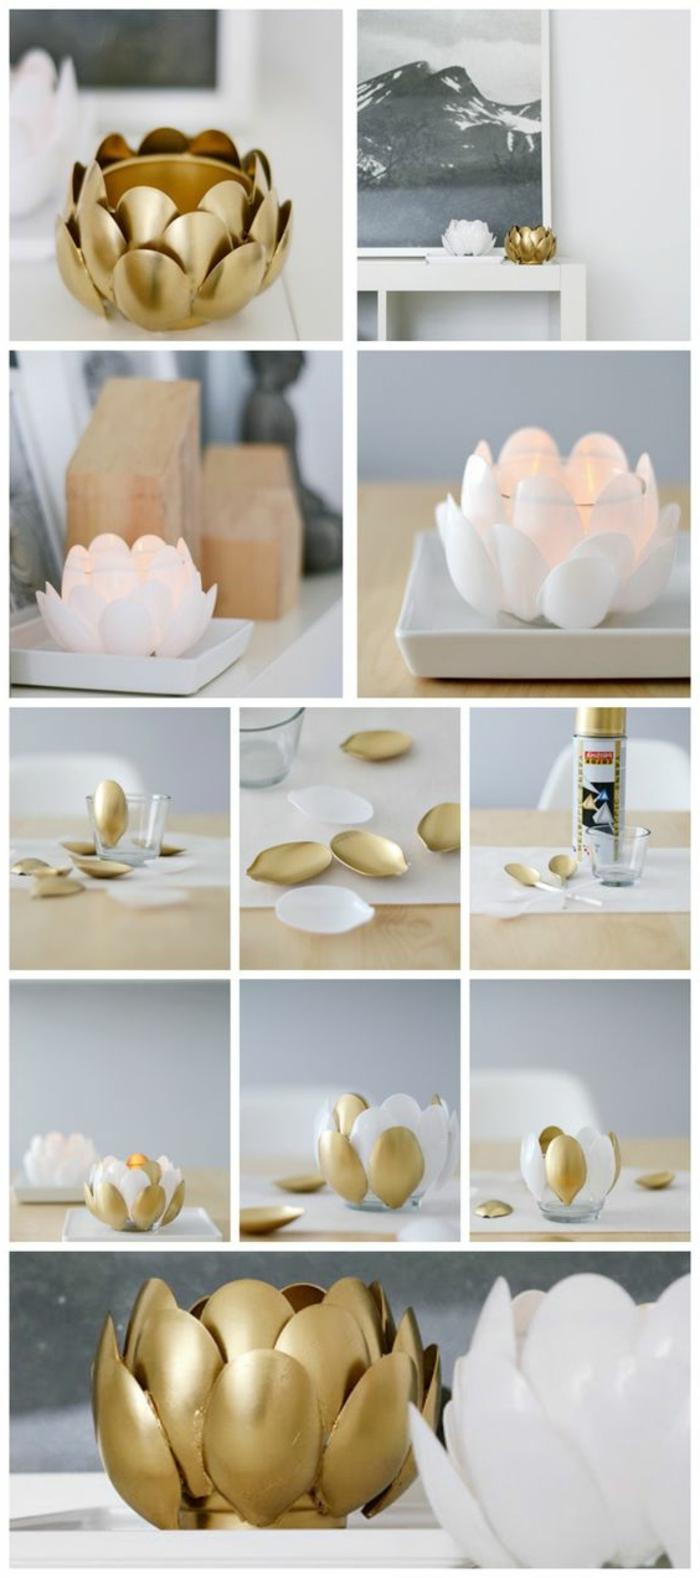 weiße plastiklöffel mit gloldenem spray besprühen, diy deko